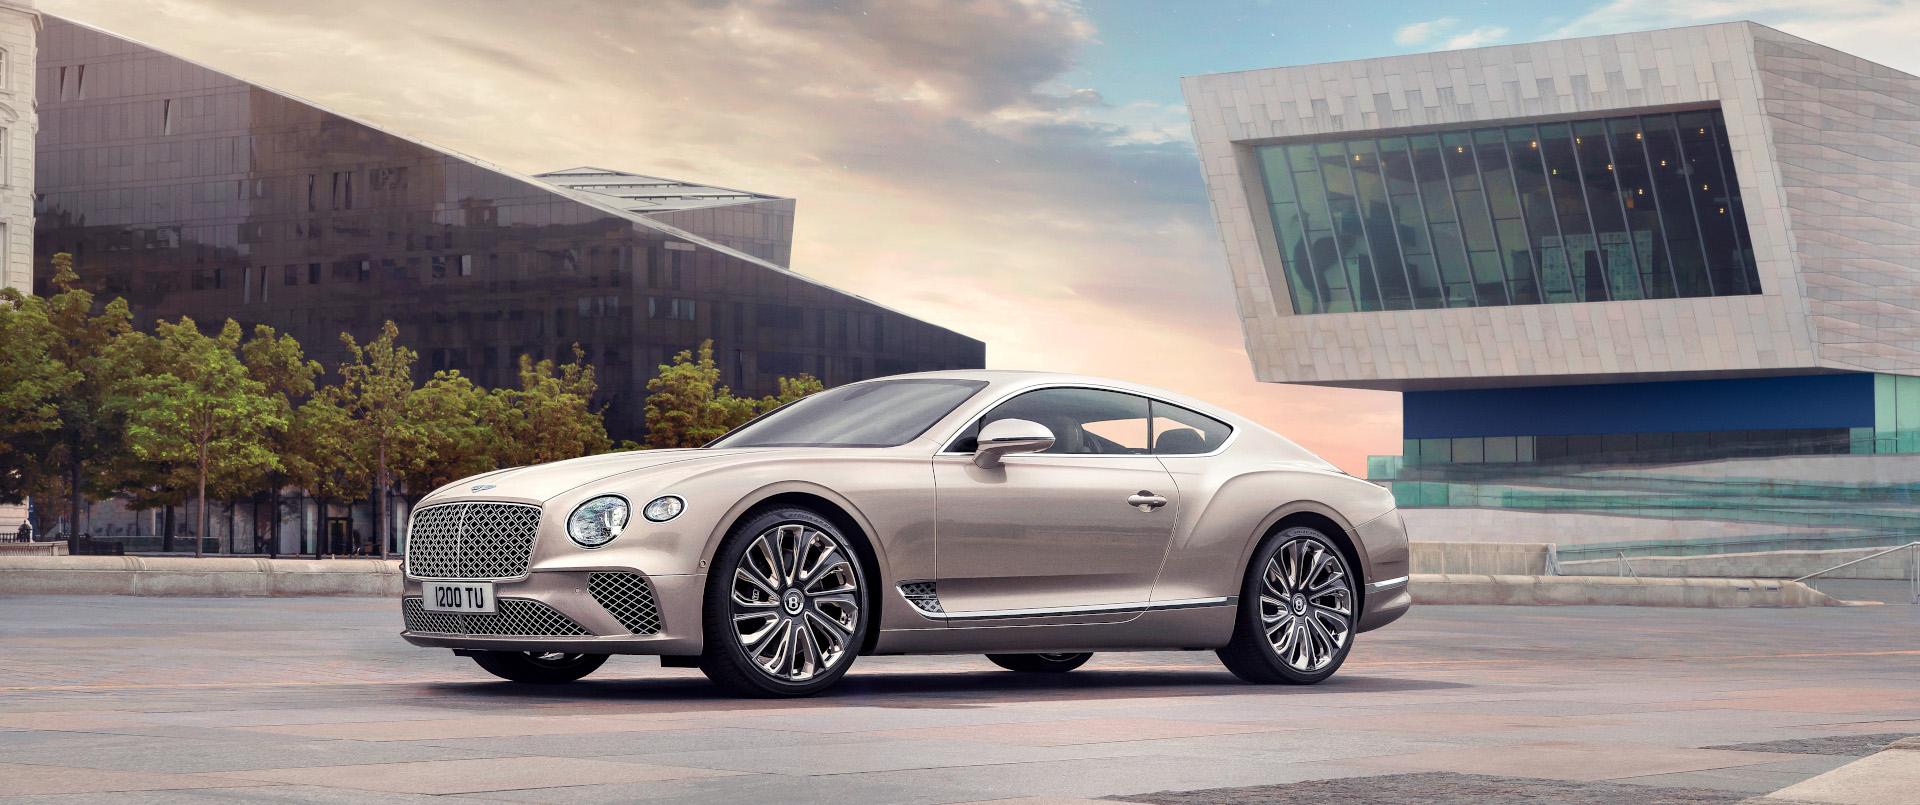 The Bentley Continental Gt Bentley Motors